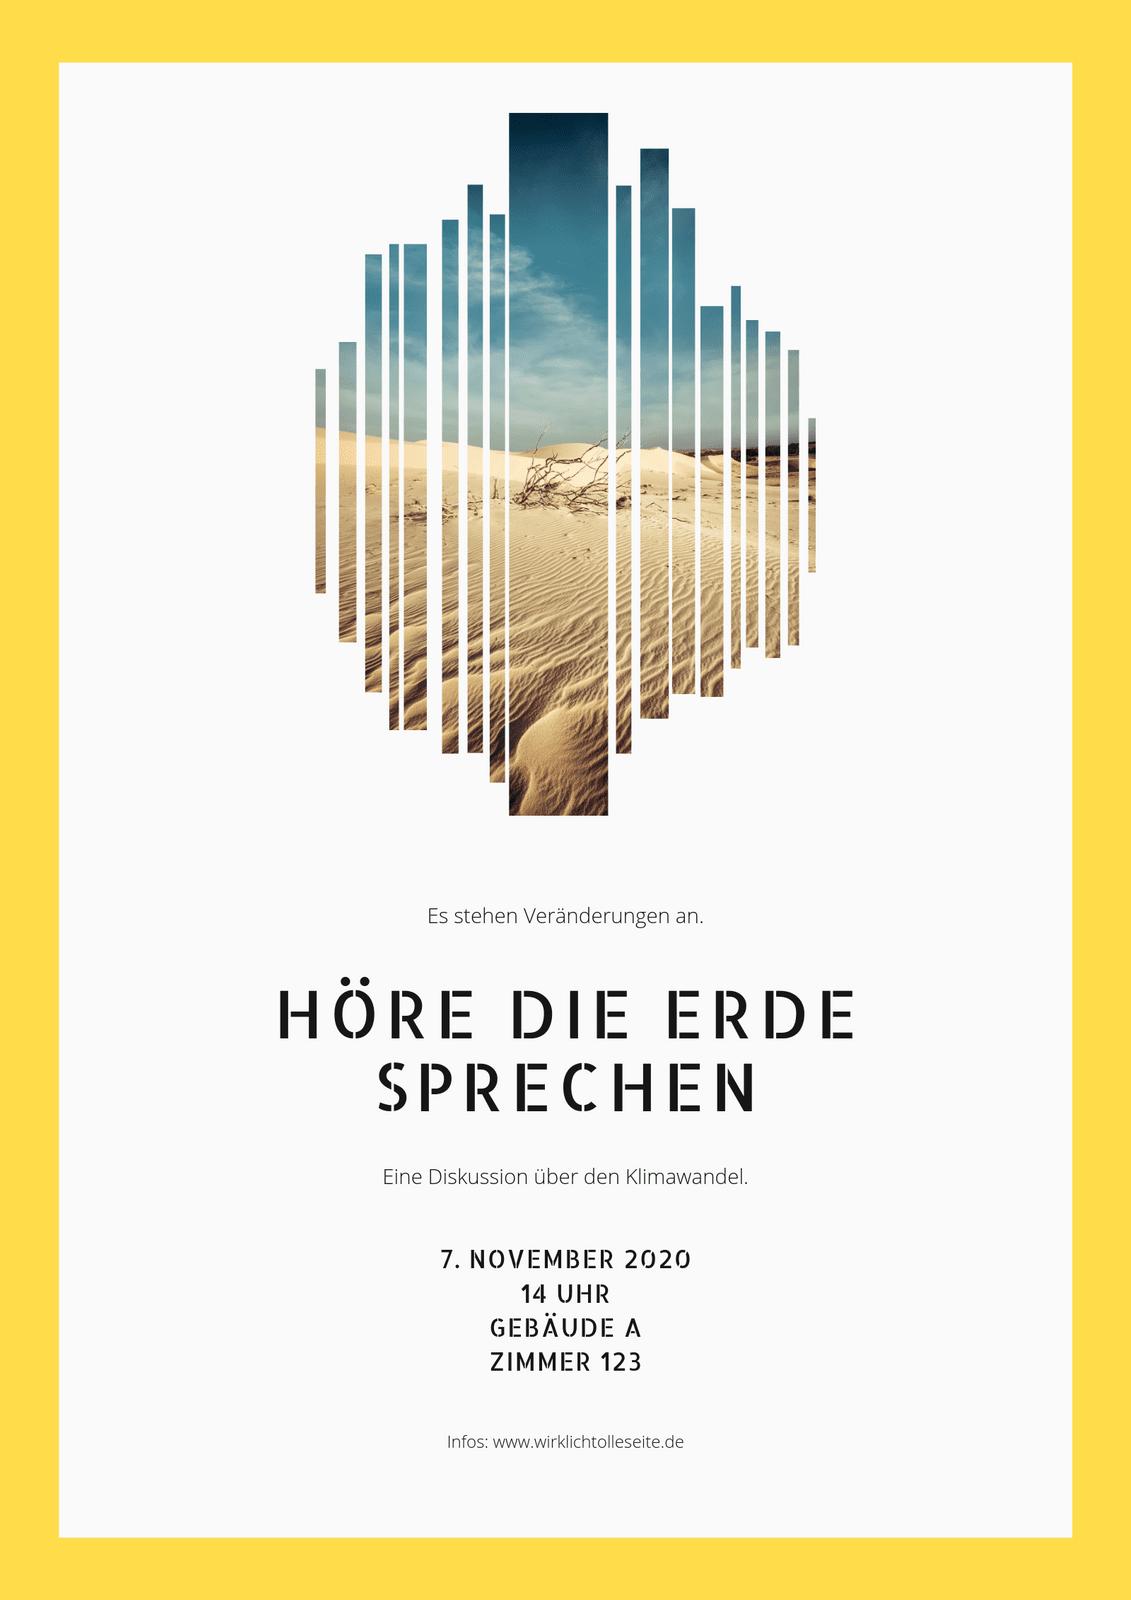 Gelb & Weiß mit Foto Umwelt Schutz Veranstaltung Poster